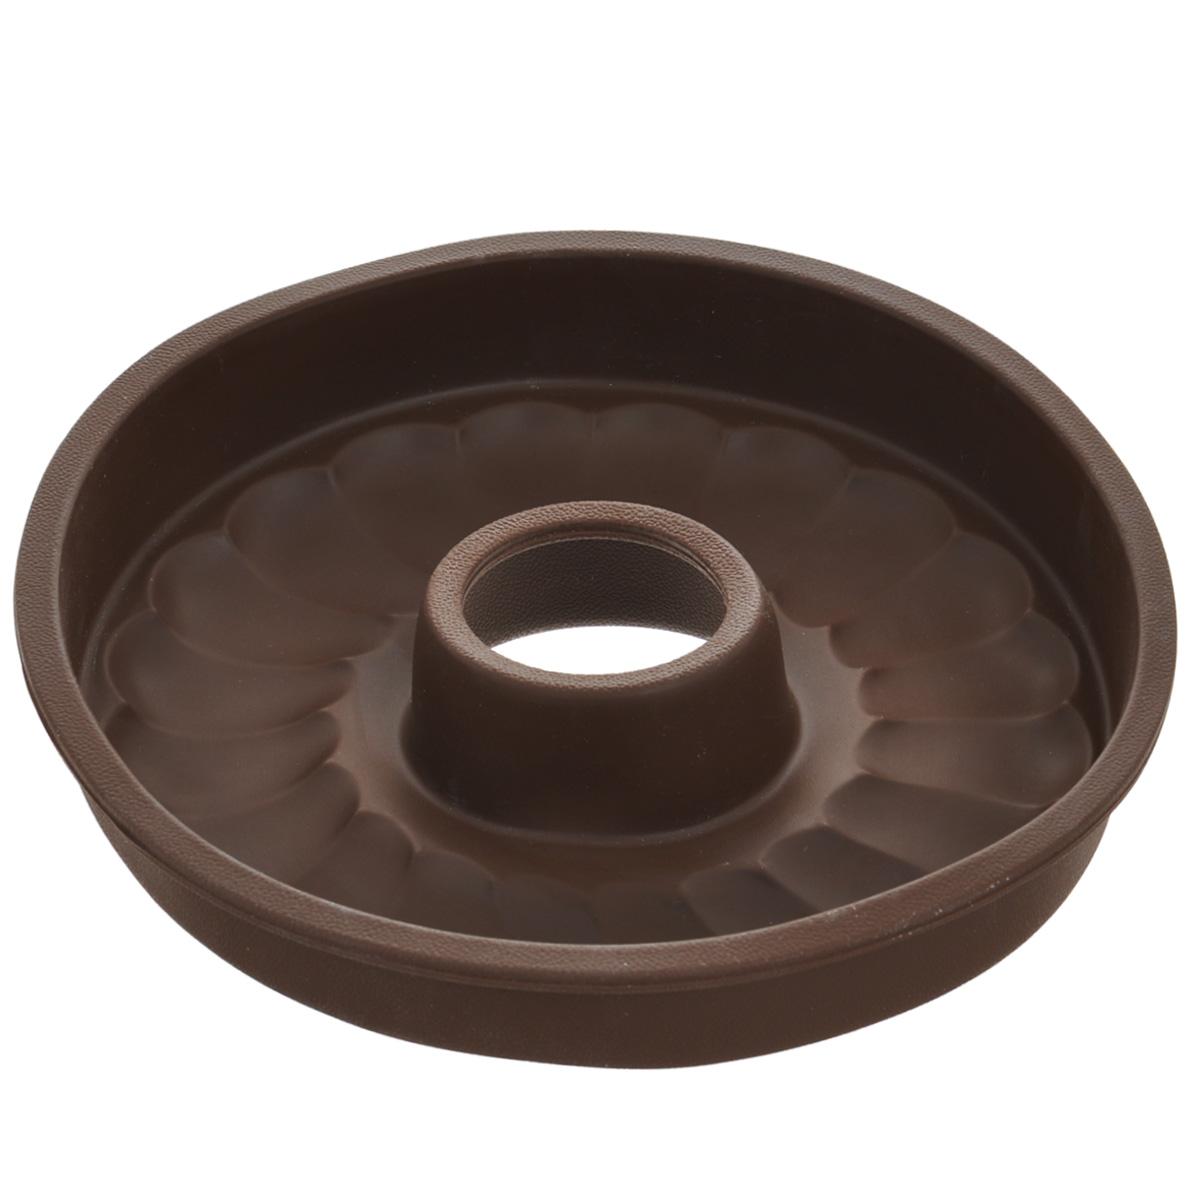 Форма для выпечки кекса Tescoma Delicia Silicone, круглая, цвет: коричневый, диаметр 26 см. 629228391602Круглая форма Tescoma Delicia Silicone будет отличным выбором для всех любителей выпечки. Благодаря тому, что форма изготовлена из силикона, готовую выпечку вынимать легко и просто. Дно формы оснащено рельефной поверхностью. Форма прекрасно подходит для выпечки кексов.С такой формой вы всегда сможете порадовать своих близких оригинальной выпечкой. Материал изделия устойчив к фруктовым кислотам, может быть использован в духовках, микроволновых печах, холодильниках и морозильных камерах (выдерживает температуру от -40°C до 230°C). Антипригарные свойства материала позволяют готовить без использования масла.Можно мыть и сушить в посудомоечной машине. При работе с формой используйте кухонный инструмент из силикона - кисти, лопатки, скребки. Не ставьте форму на электрическую конфорку. Не разрезайте выпечку прямо в форме.